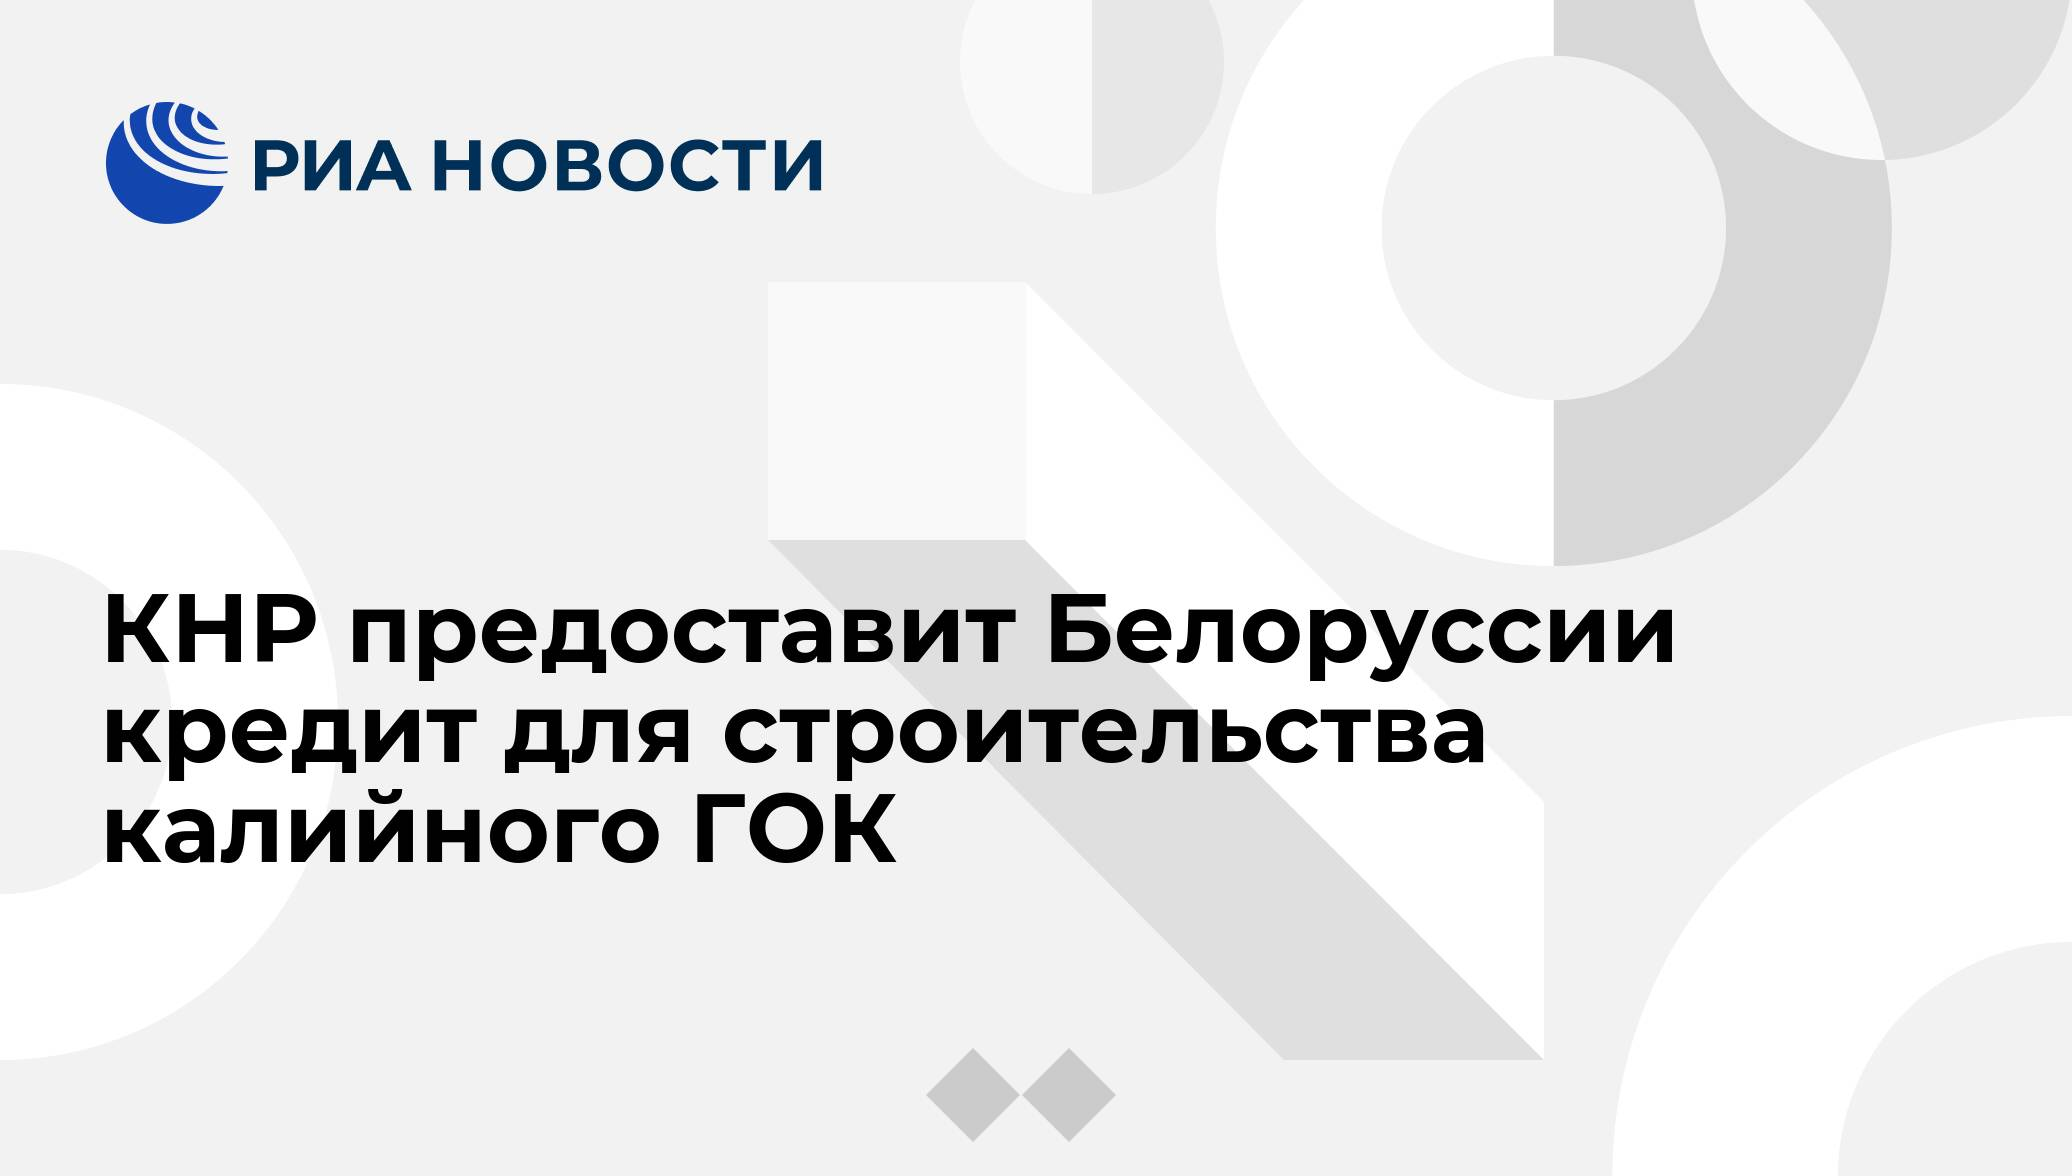 кредит на строительство в белоруссии